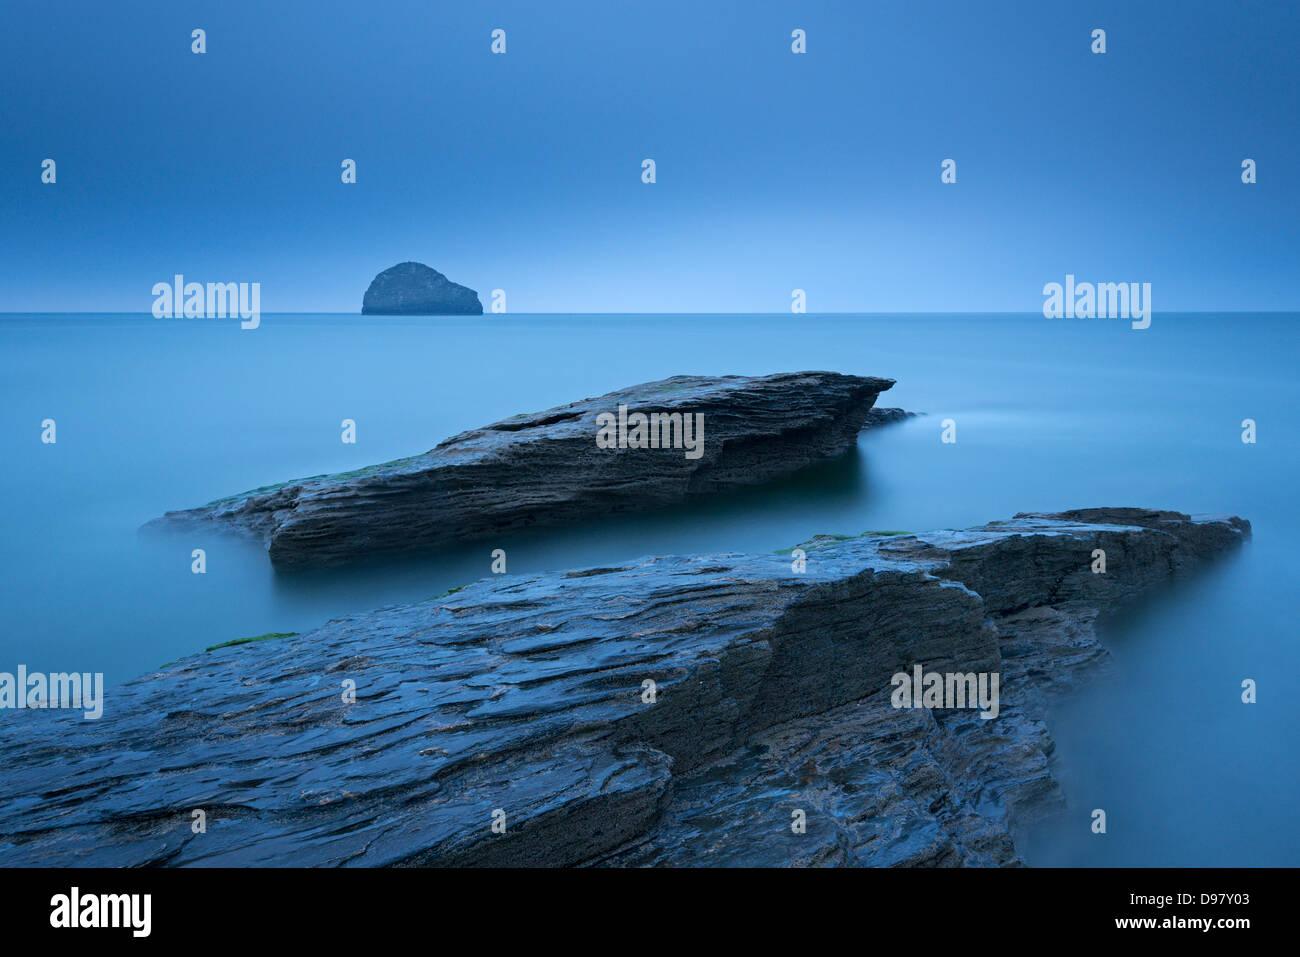 Crépuscule sur la côte nord des Cornouailles de rochers à Strand Trebarwith, Cornwall, Angleterre. Photo Stock